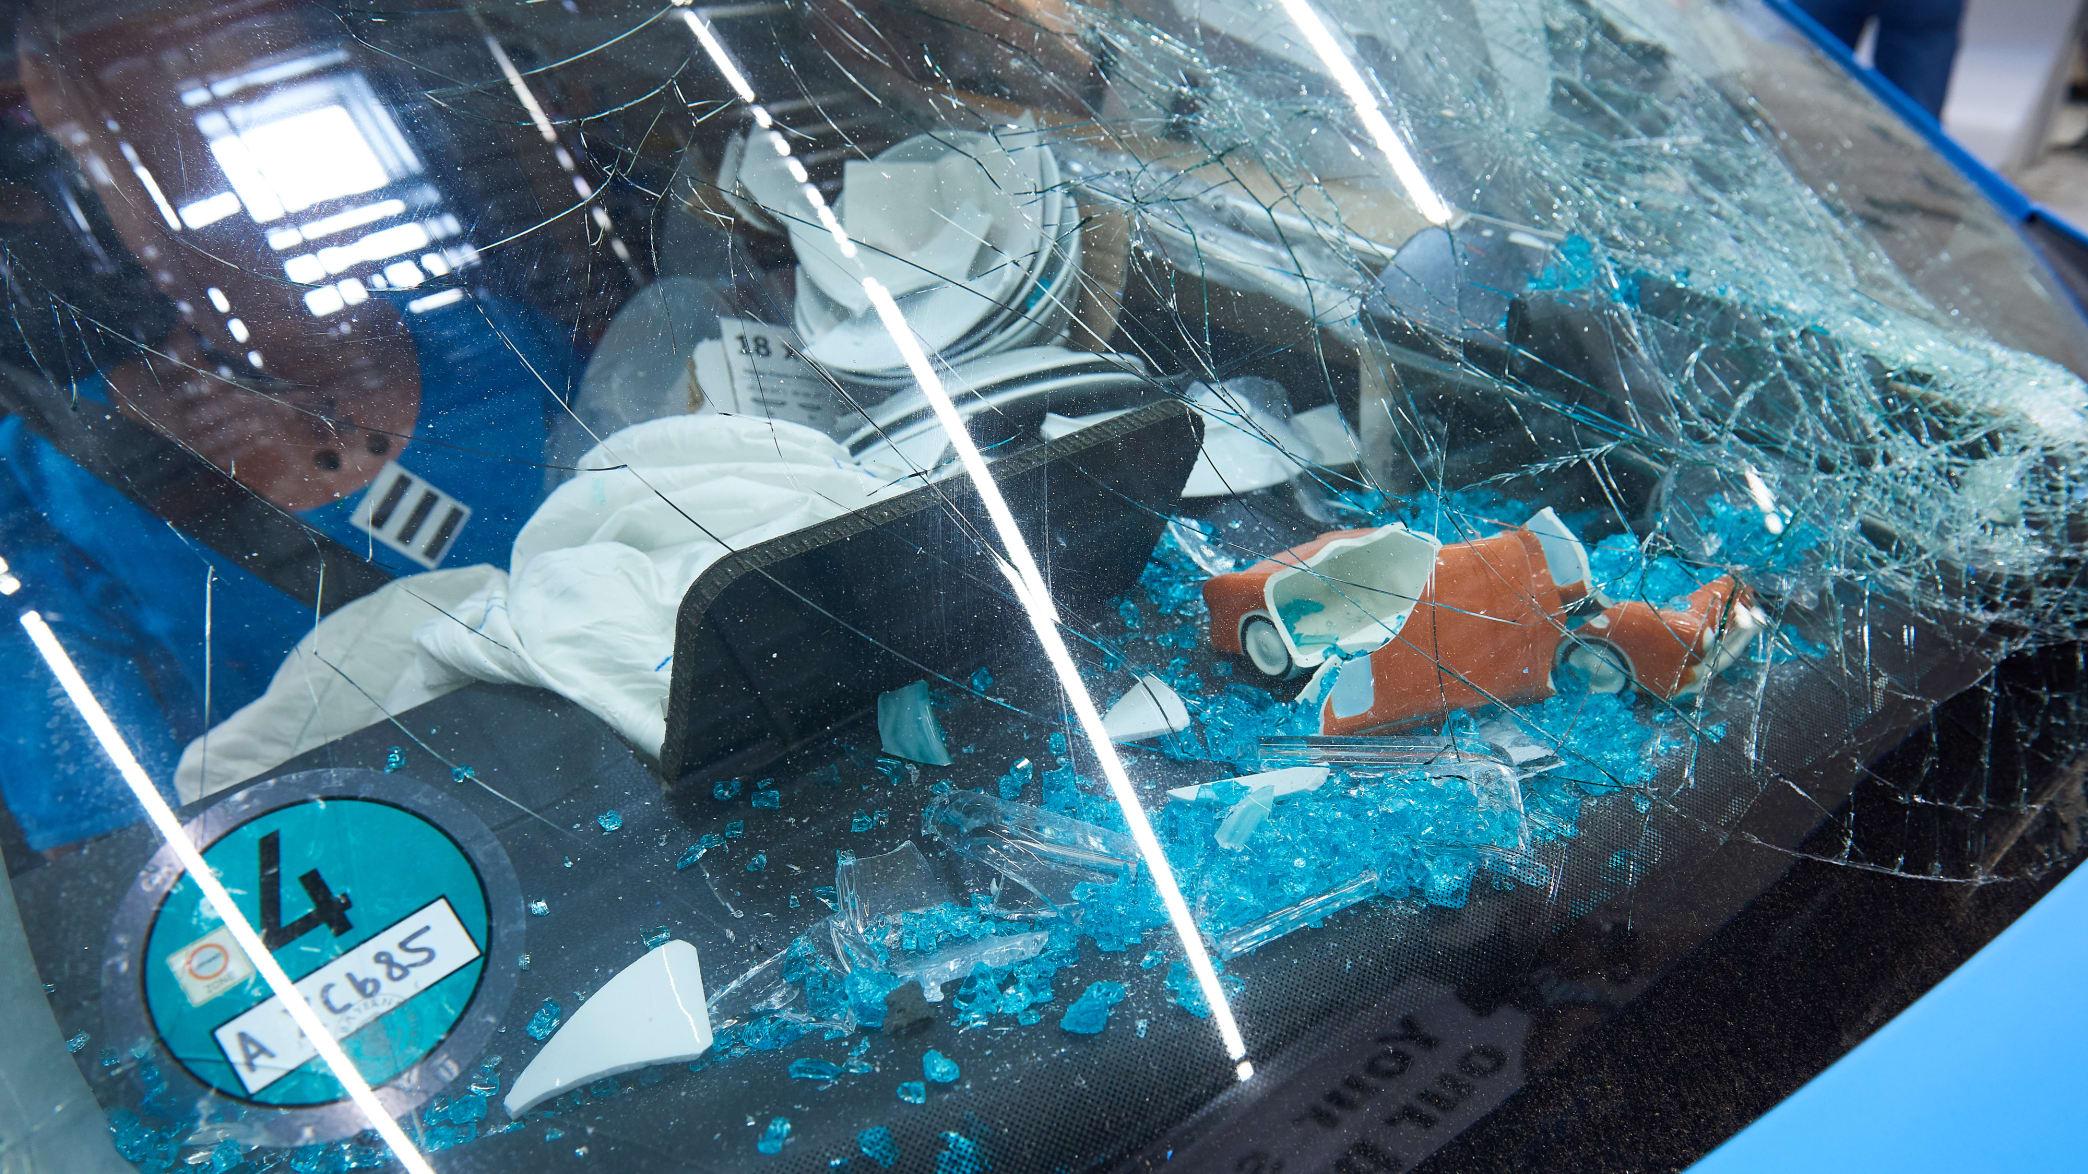 Ungesicherte Ikea-Artikel sind beim Crashtest Gepäcksicherung an die Windschutzscheibe geflogen.